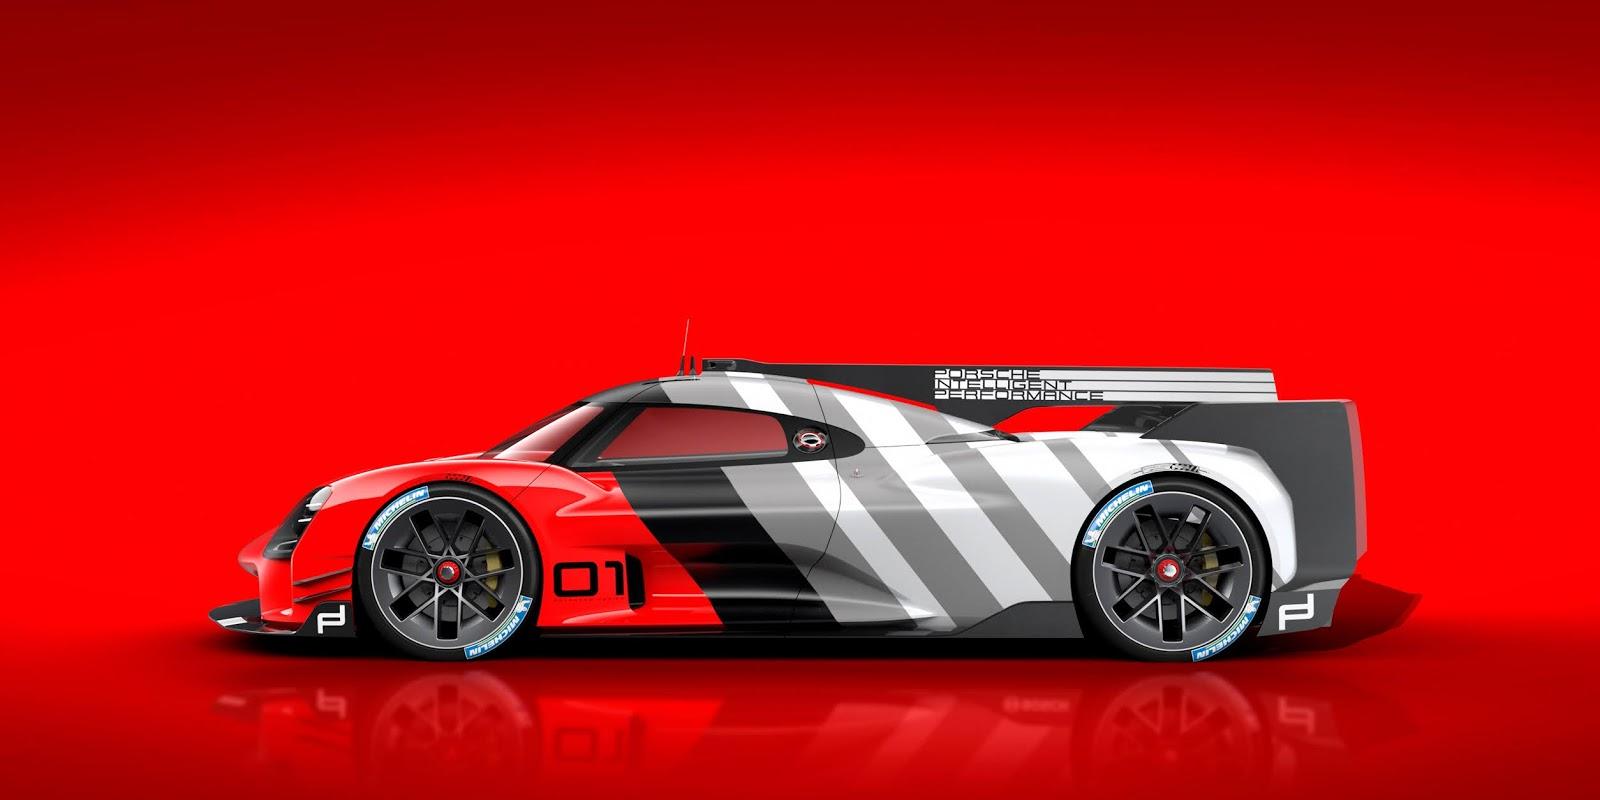 02 Τα άγνωστα Hypercars της Porsche hypercar, Porsche, Porsche Unseen, Sunday, supercar, supercars, zblog, ειδήσεις